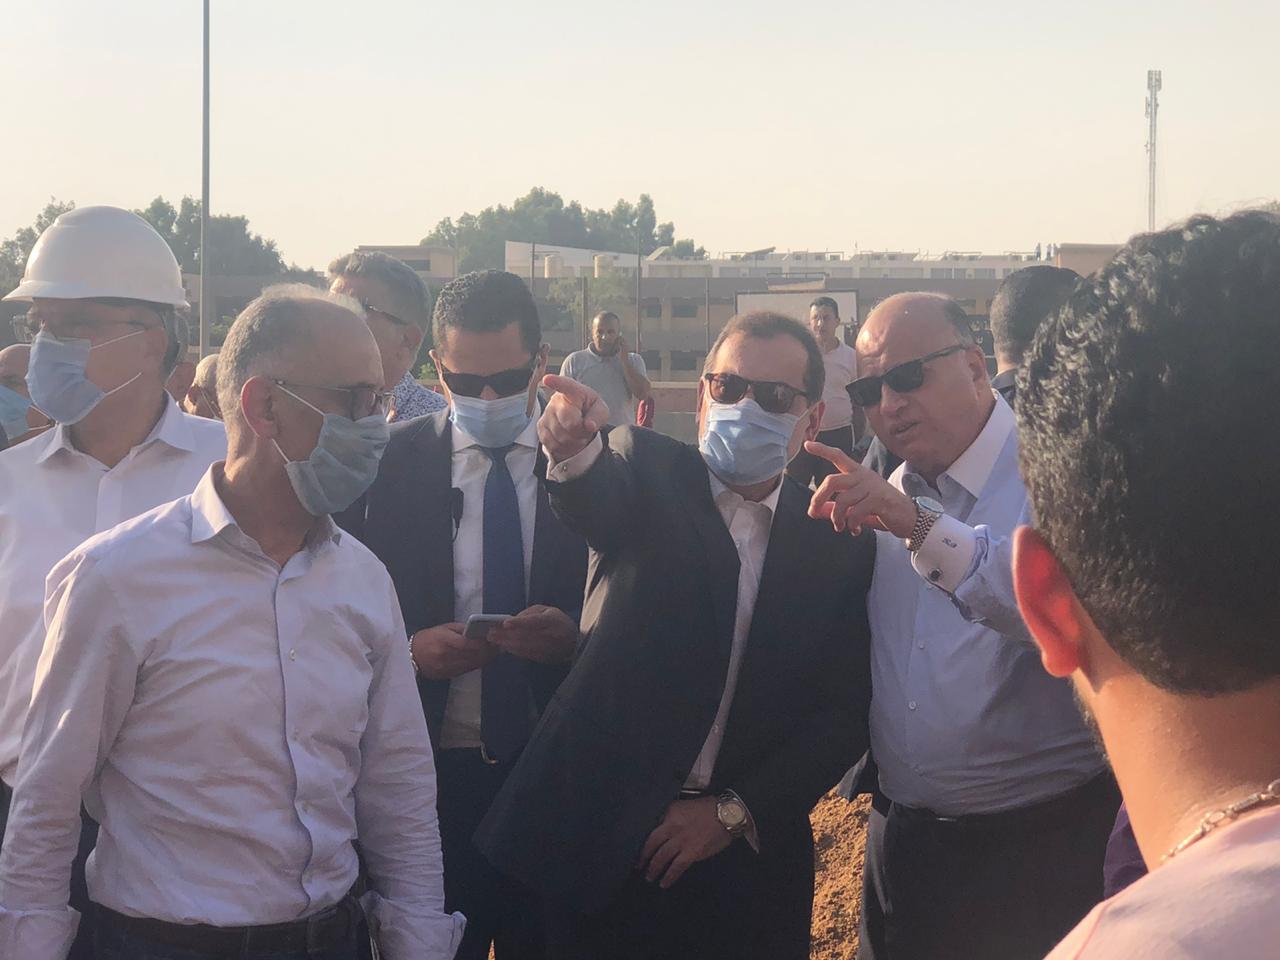 وزير البترول والثروة المعدنية خلال تفقده موقع حادث حريق خط خام شقير مسطرد